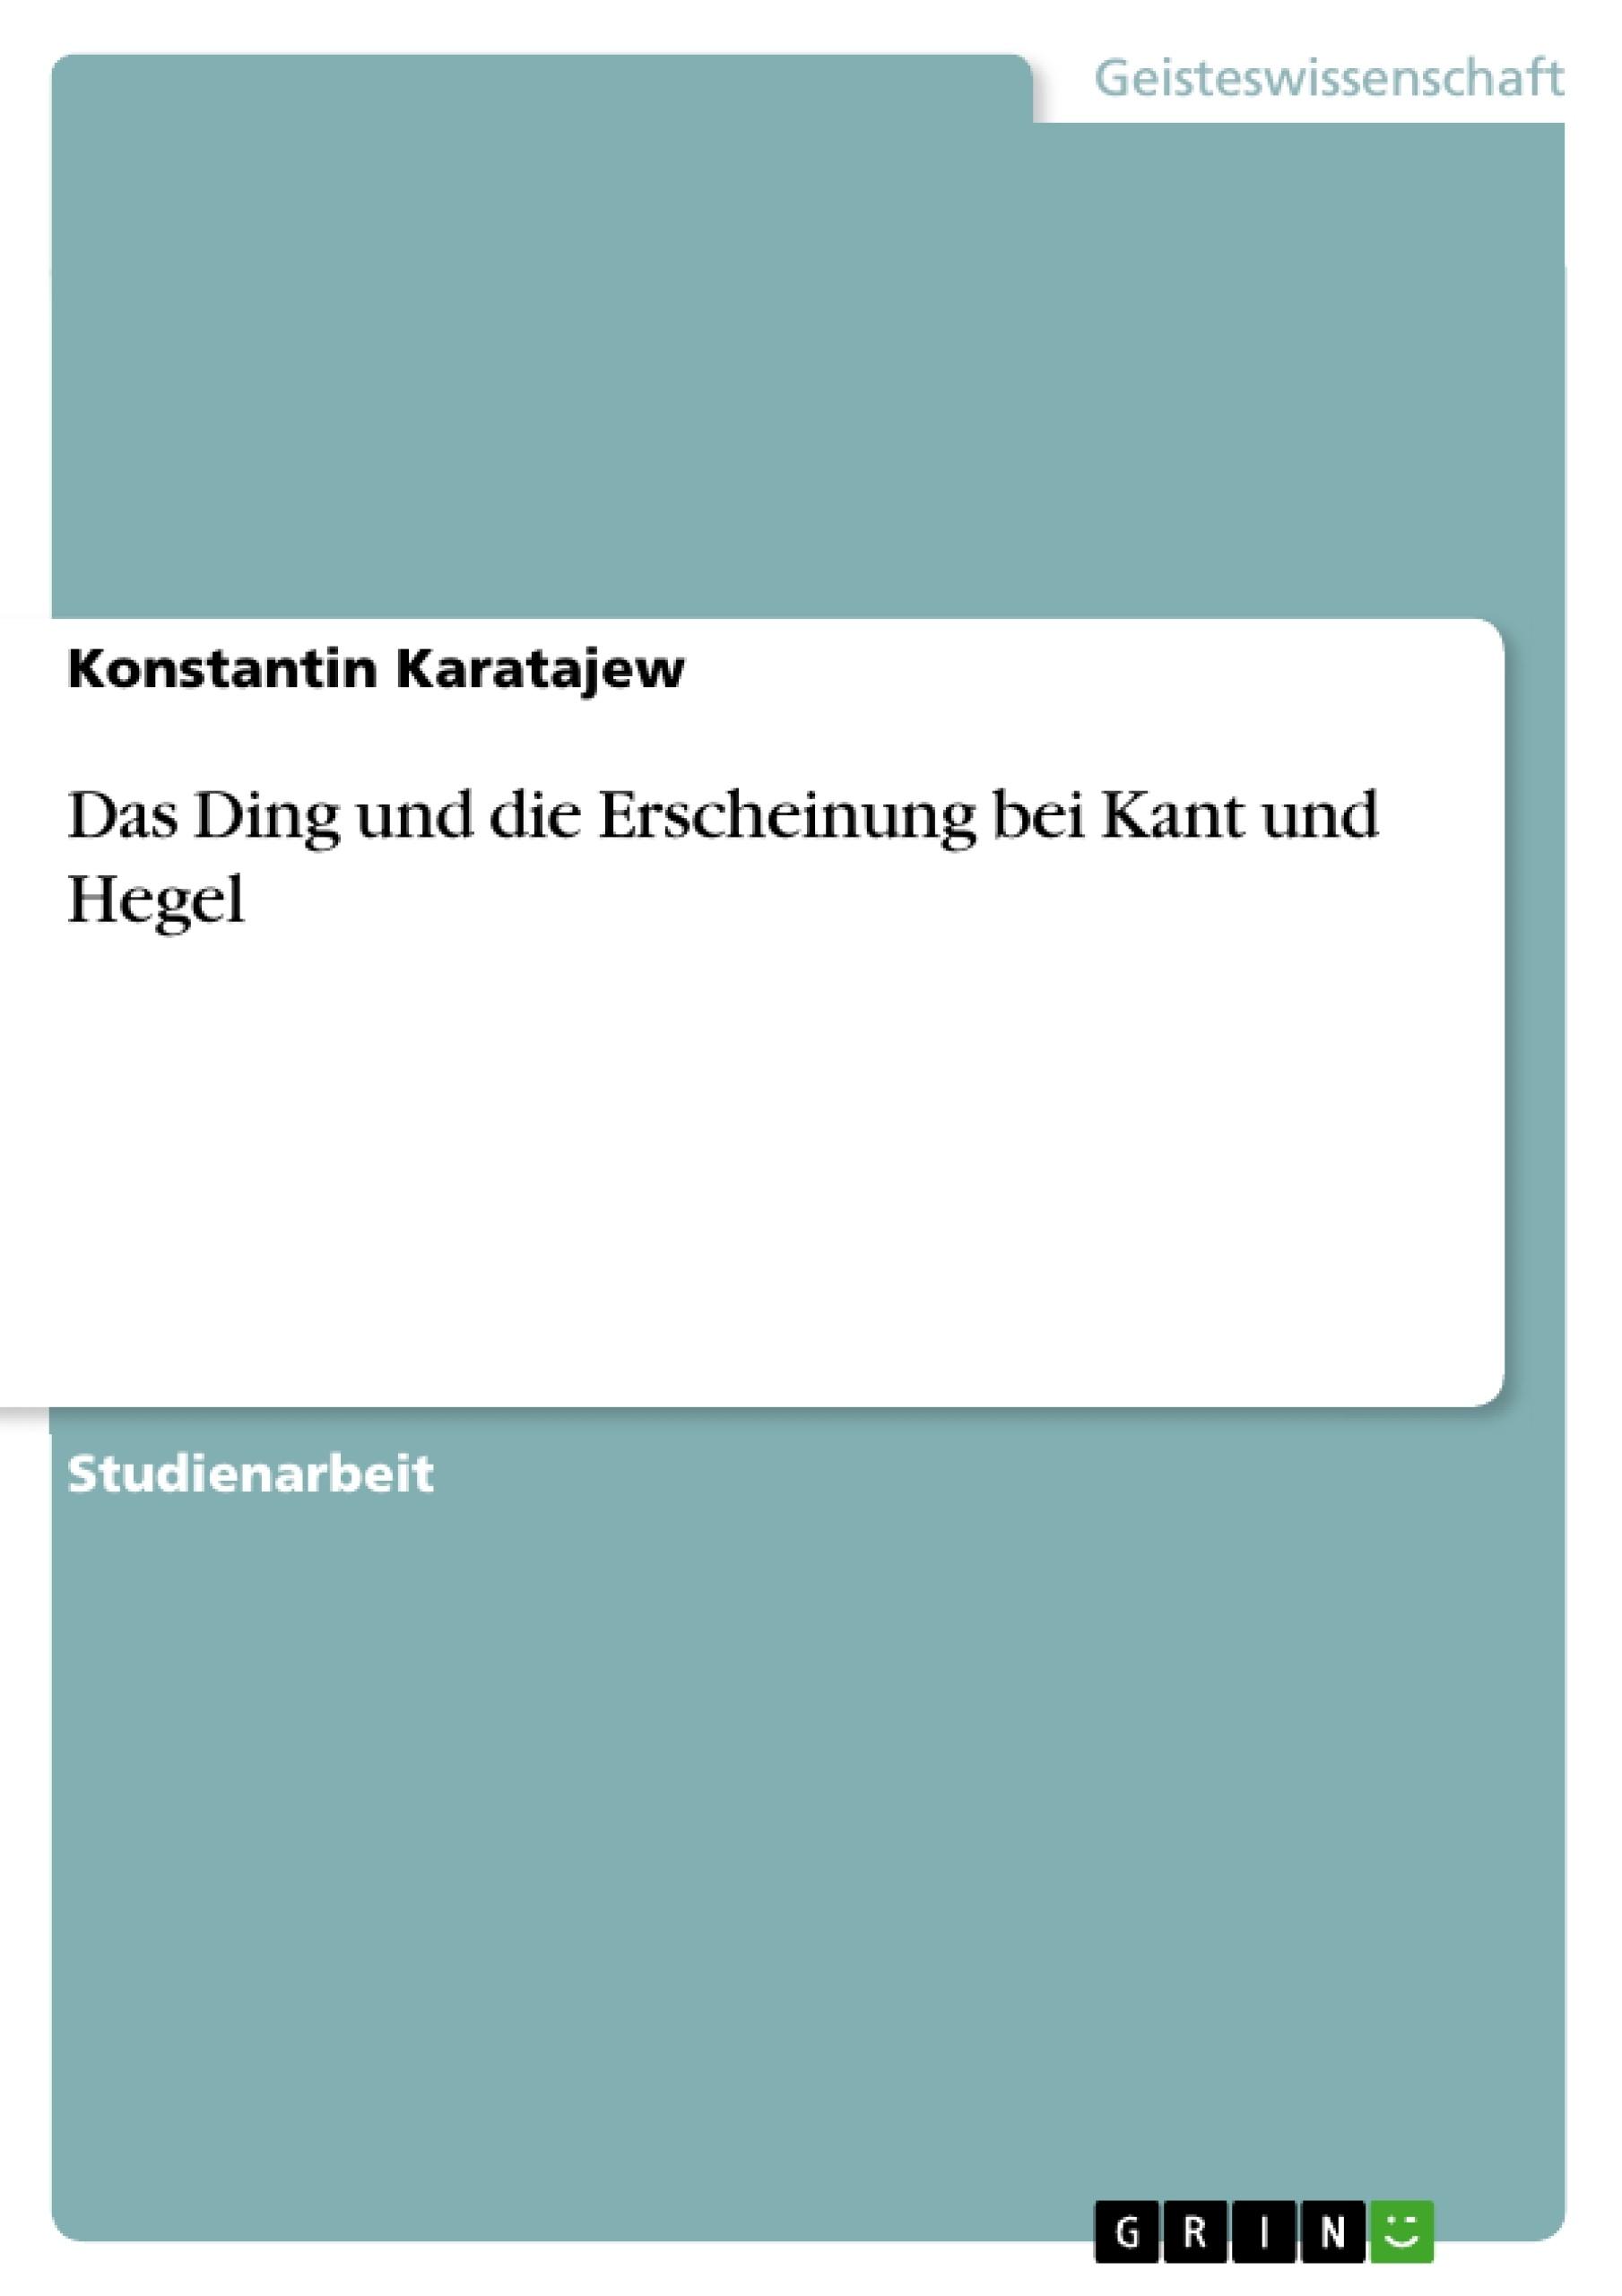 Titel: Das Ding und die Erscheinung bei Kant und Hegel